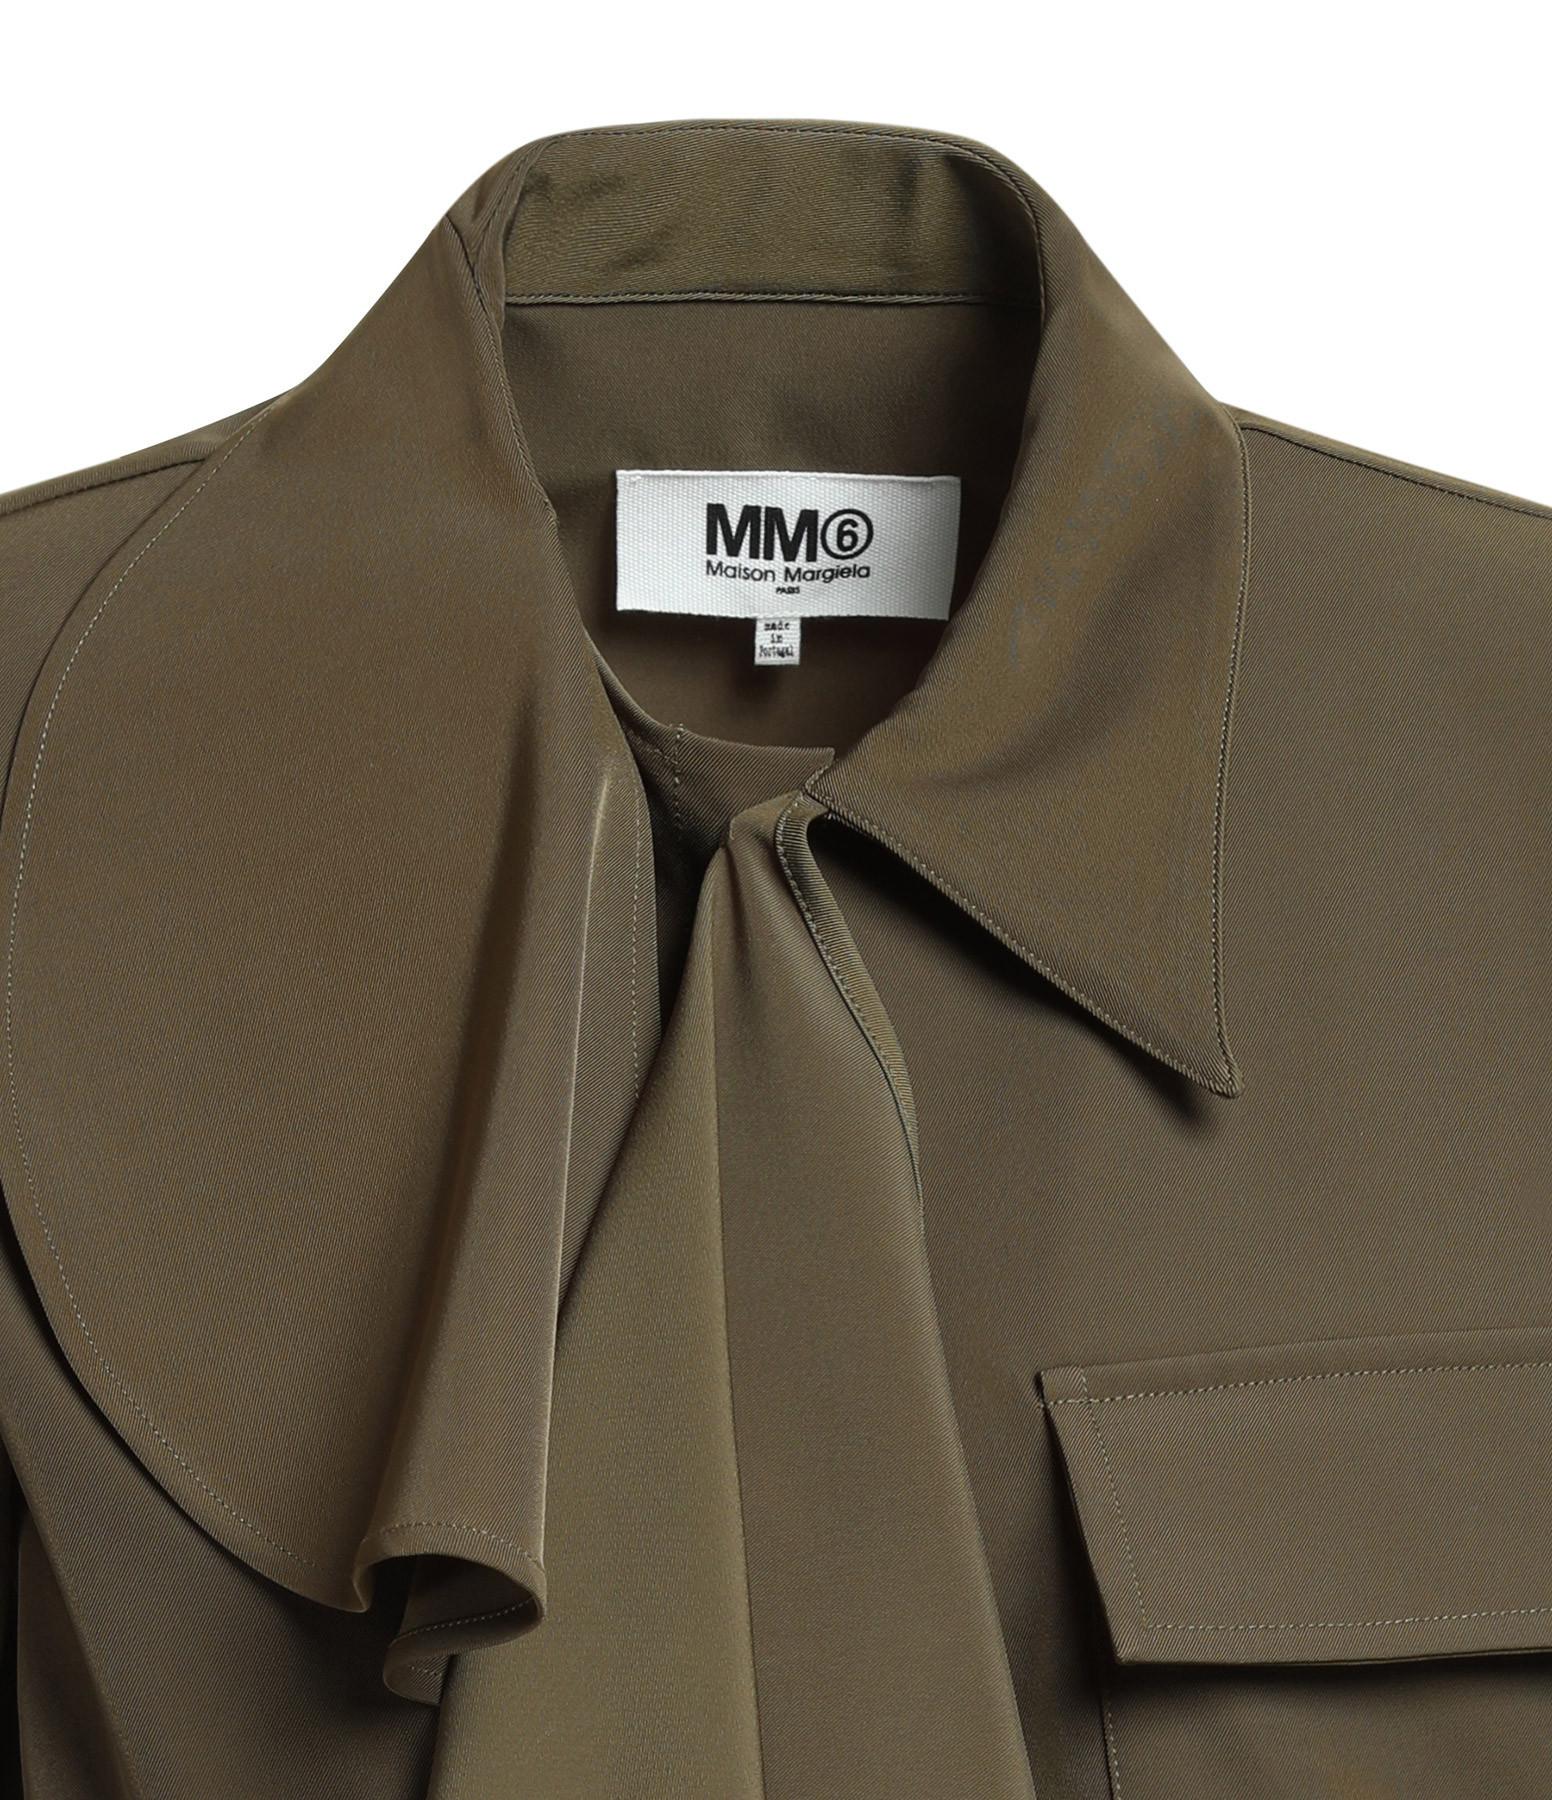 MM6 MAISON MARGIELA - Chemise Asymétrique Kaki